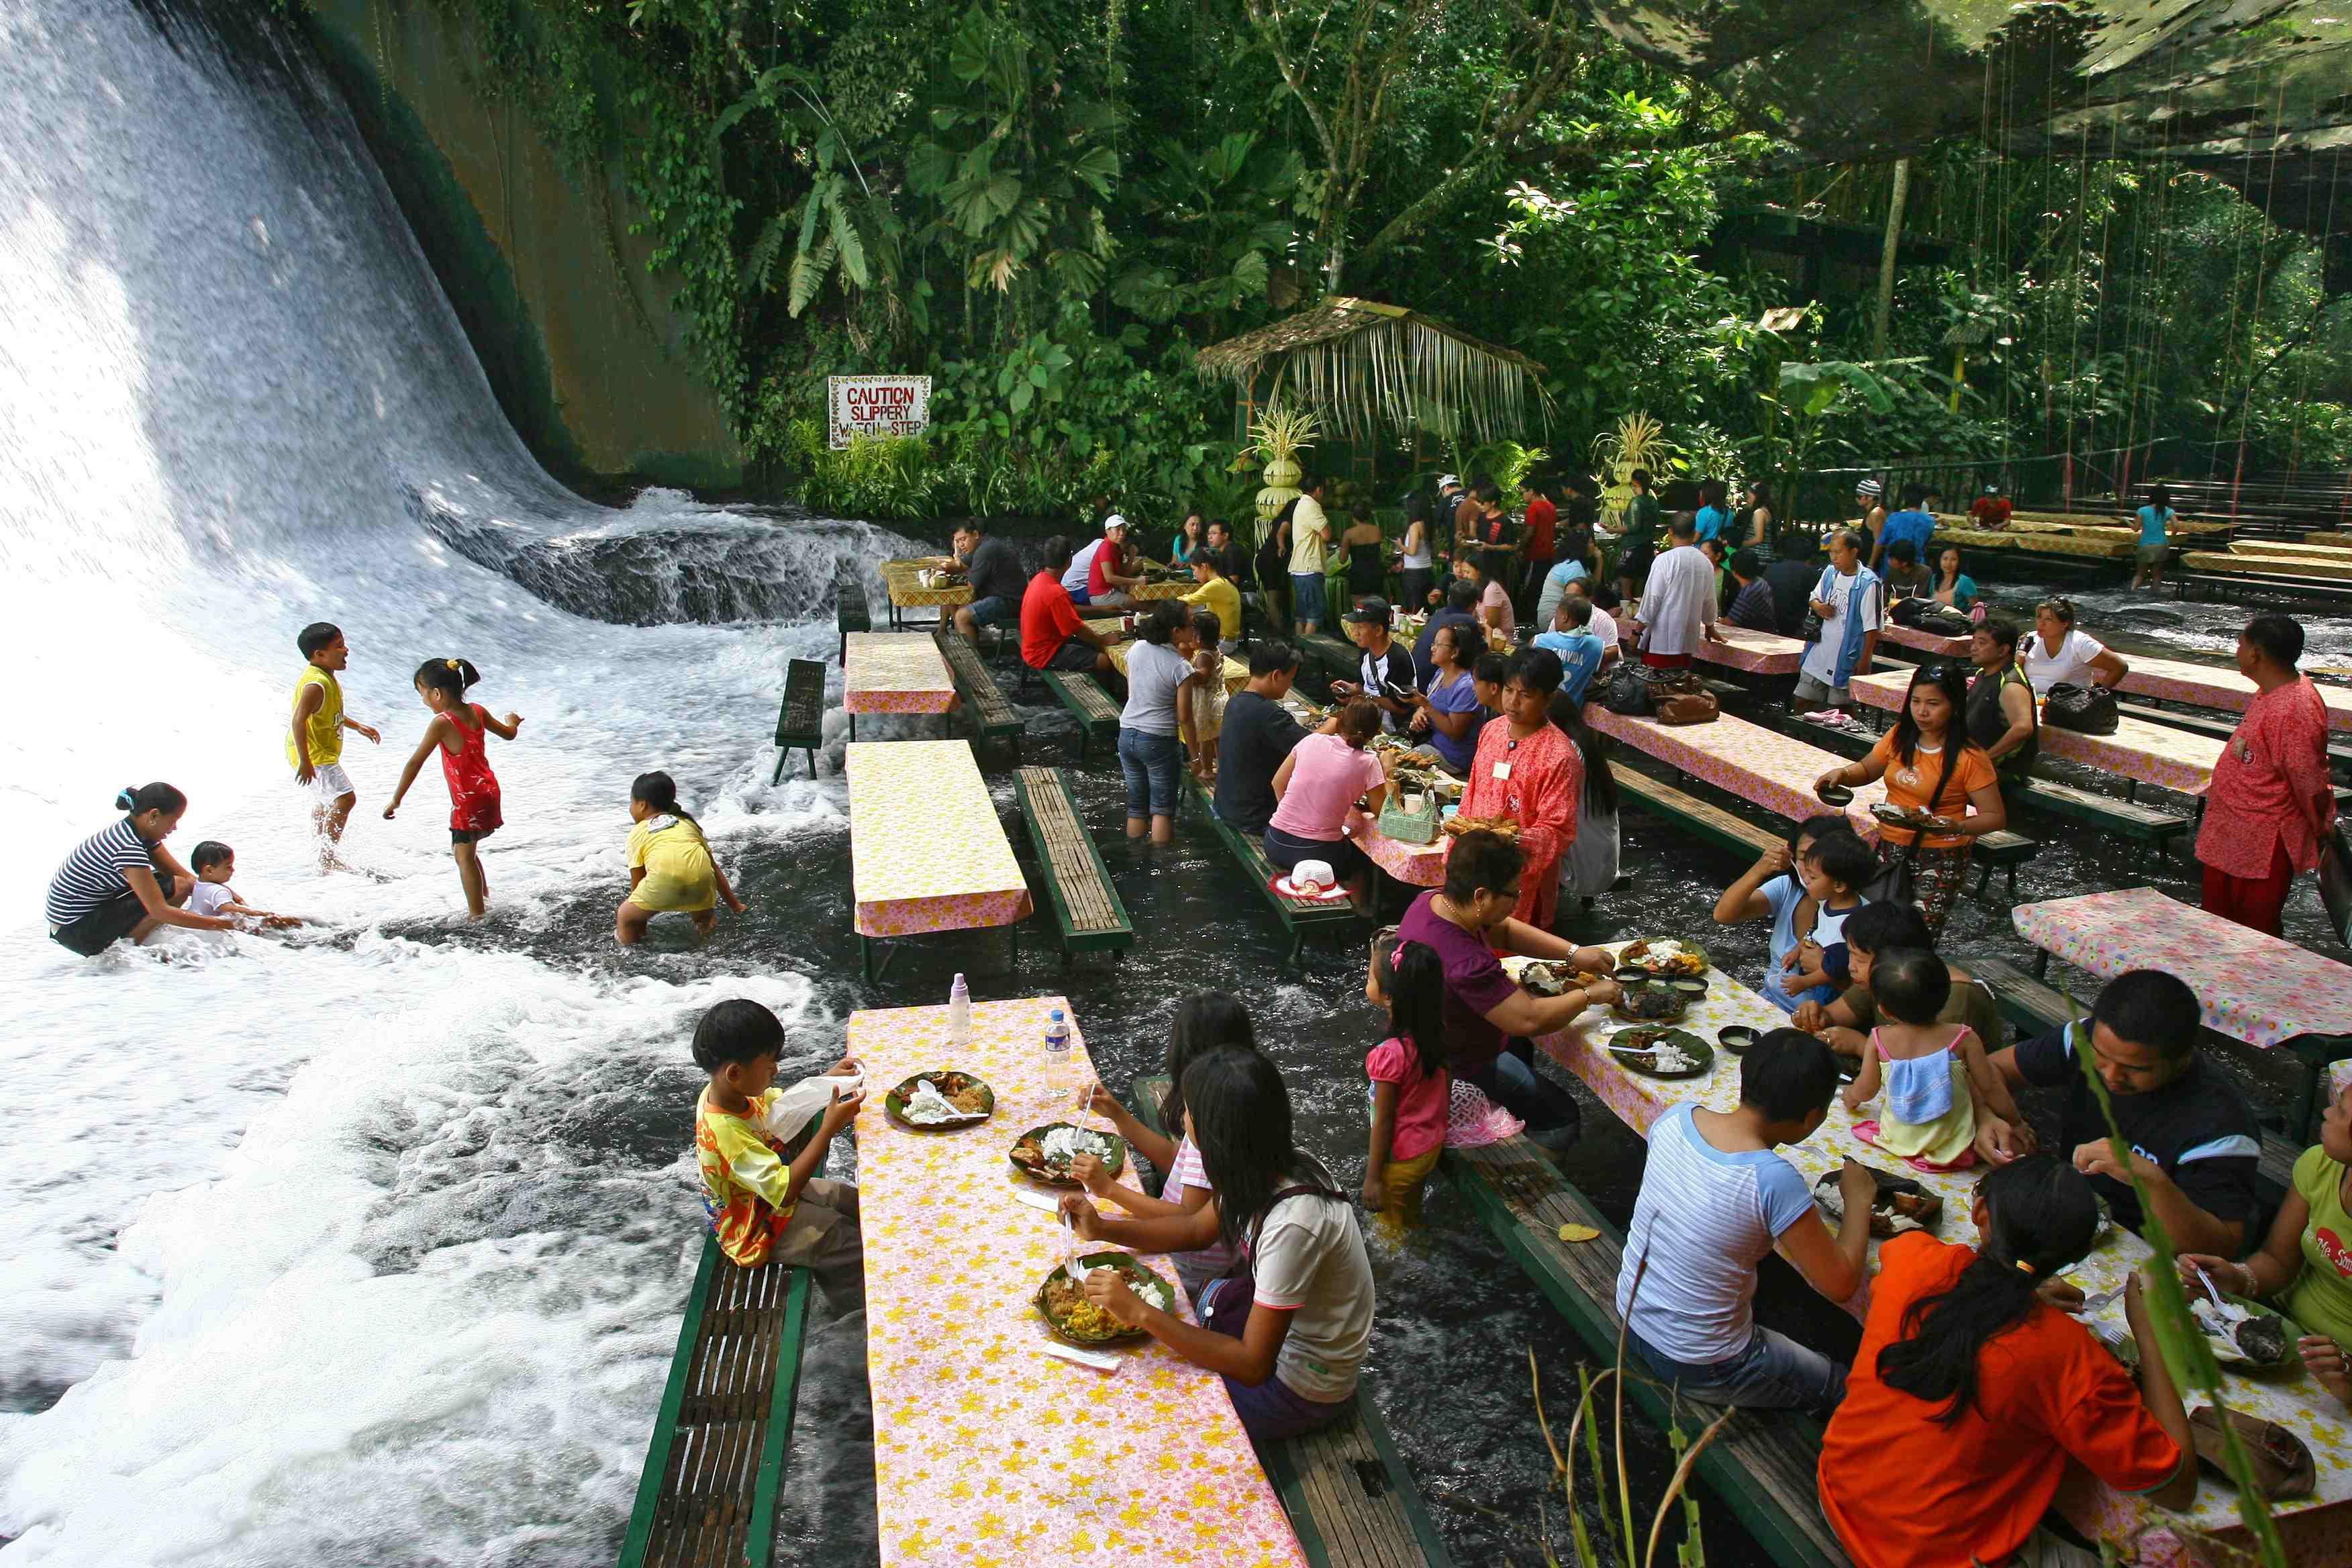 Unique Restaurants Around The World: Labassin Waterfall Restaurant